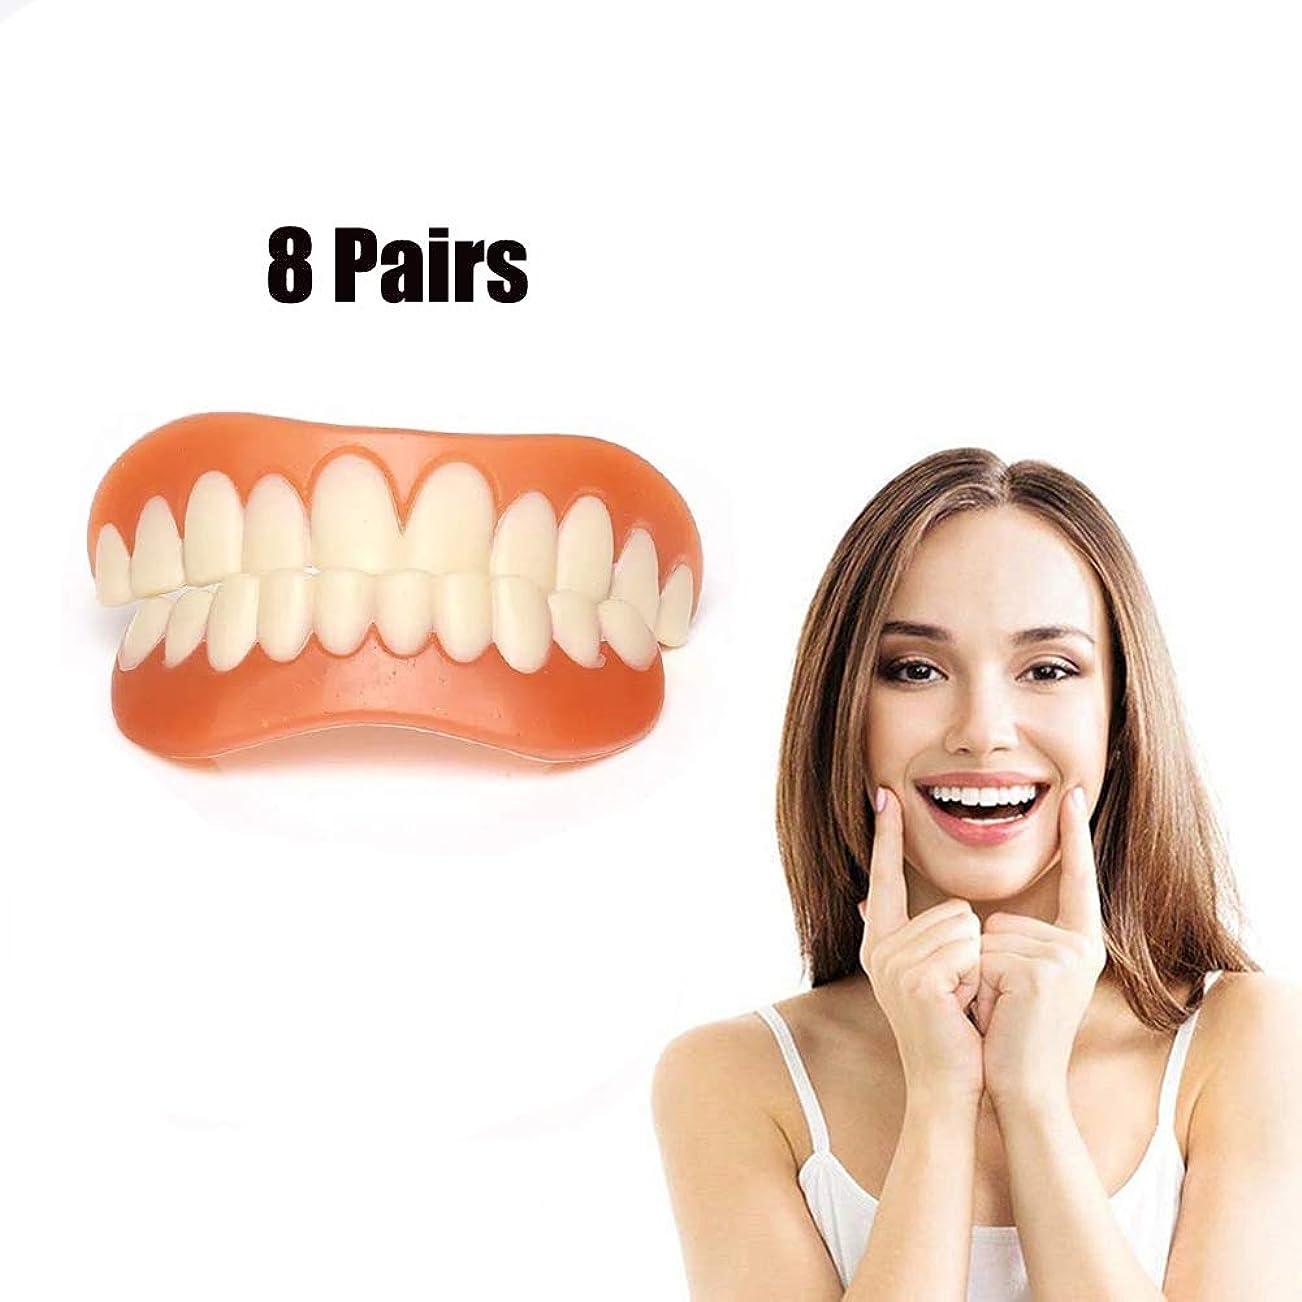 排他的周辺矢印8組安全なベニヤ歯、インスタント笑顔の快適さ修正義歯を白くする偽の歯 - ワンサイズフィット(下+上)